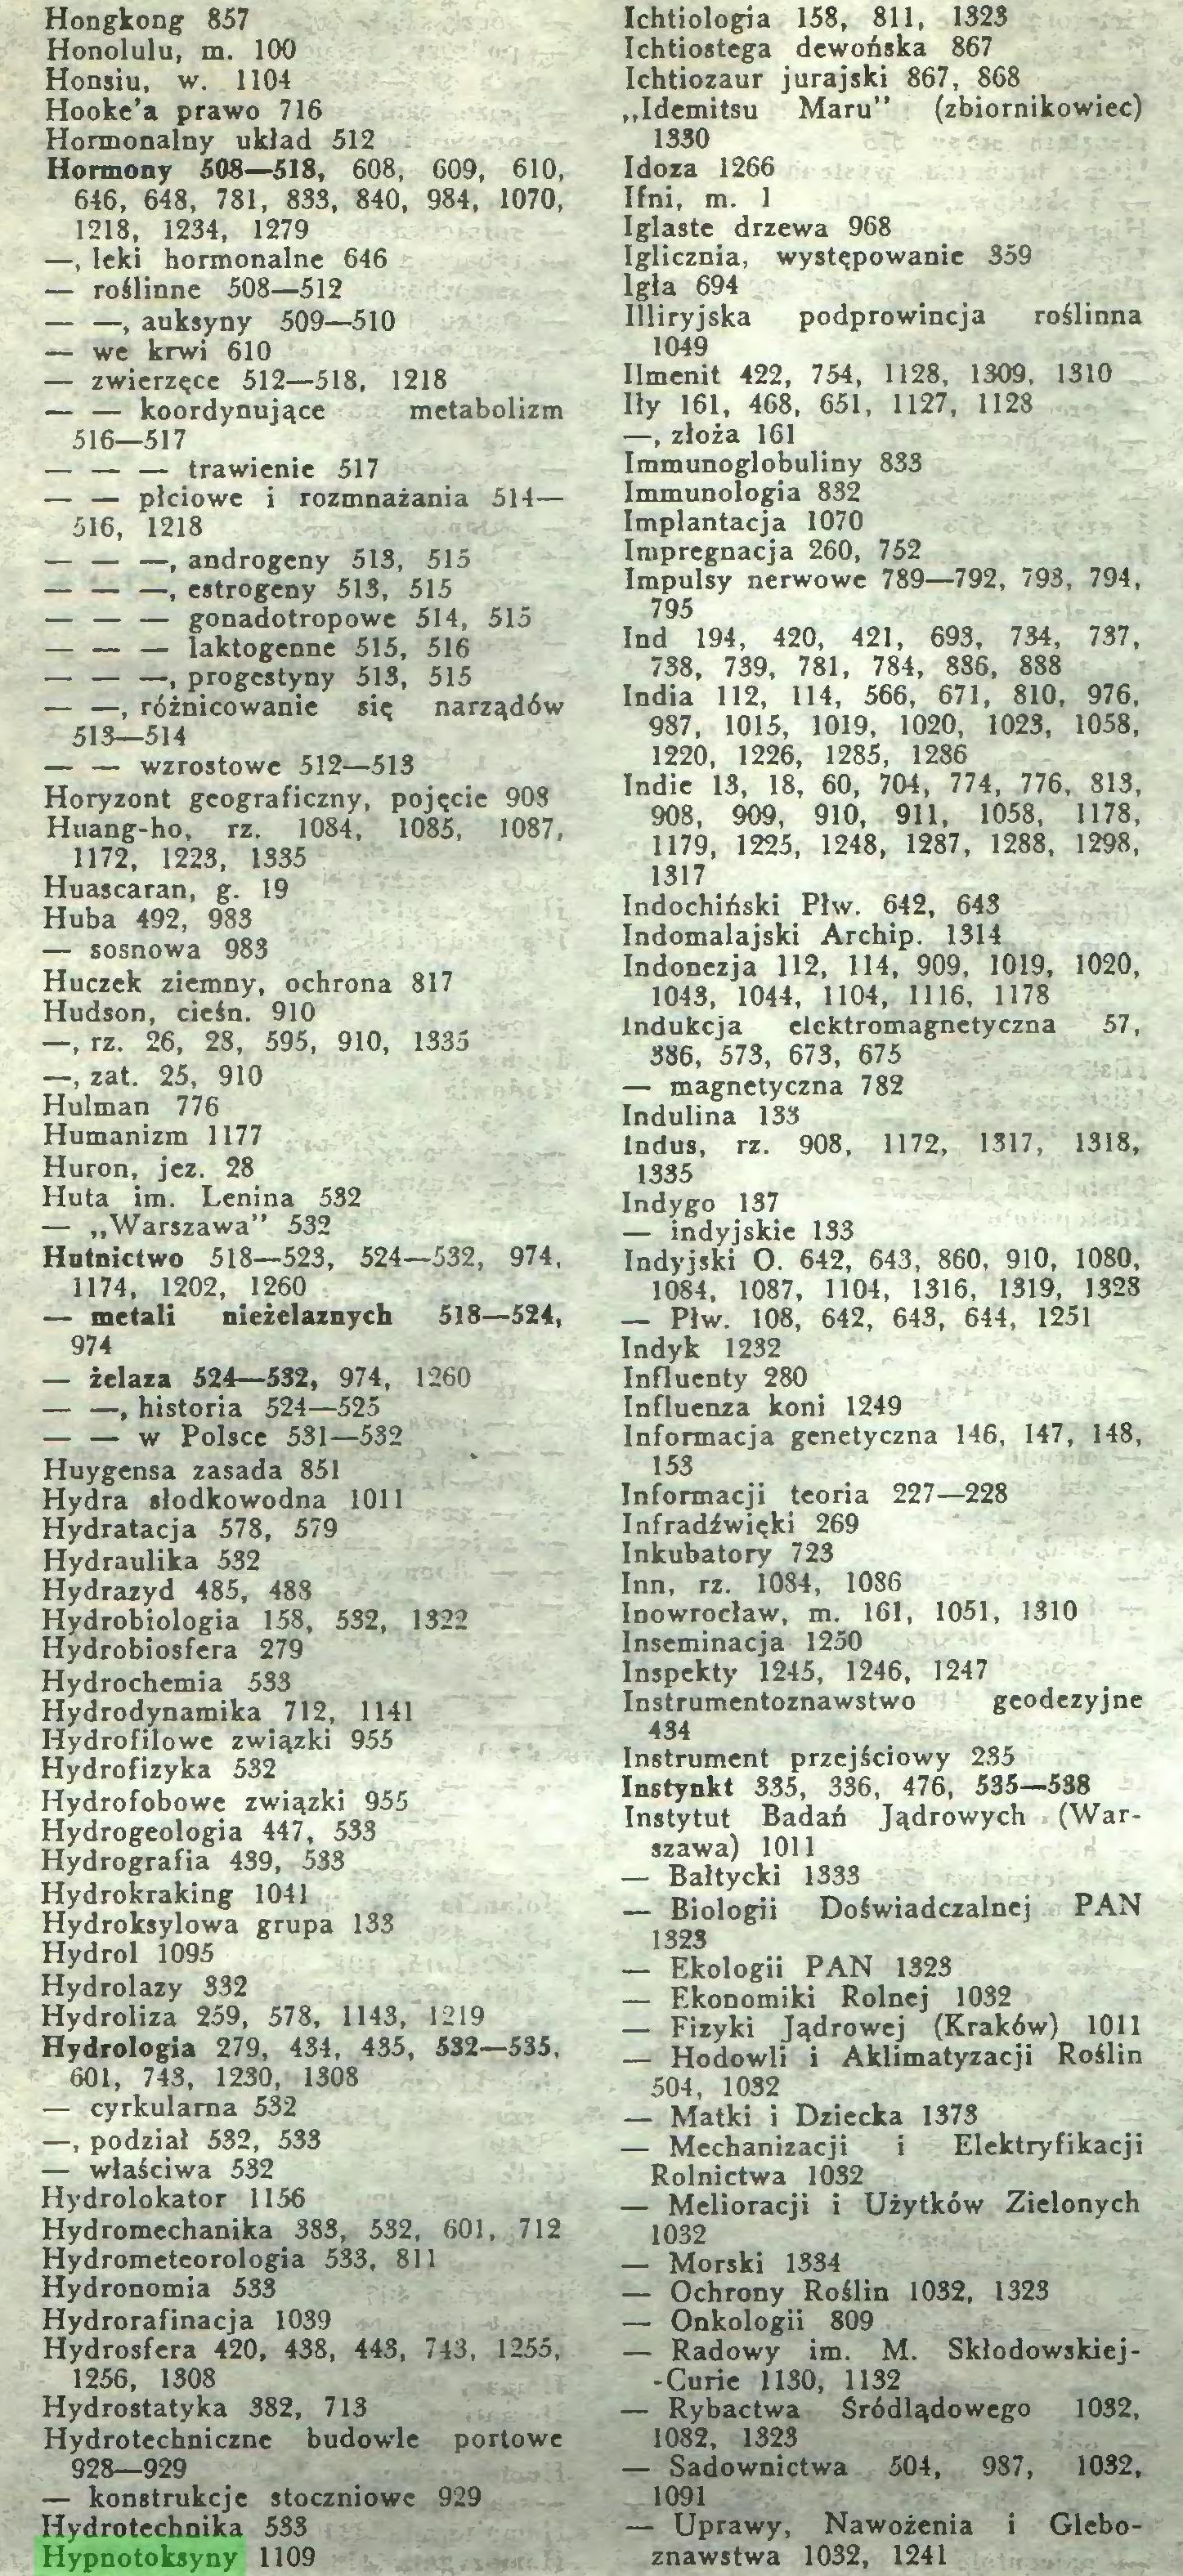 """(...) Huta im. Lenina 532 — """"Warszawa"""" 532 Hntnictwo 518—523, 524—532, 974, 1174, 1202, 1260 — metali nieżelaznych 518—524, 974 — żelaza 524—532, 974, 1260 — —, historia 524—525 — — w Polsce 531—532 Huygensa zasada 851 Hydra słodkowodna 1011 Hydratacja 578, 579 Hydraulika 532 Hydrazyd 485, 488 Hydrobiologia 158, 532, 1322 Hydrobiosfera 279 Hydrochemia 533 Hydrodynamika 712, 1141 Hydrofilowe związki 955 Hydrofizyka 532 Hydrofobowe związki 955 Hydrogeologia 447, 533 Hydrografia 439, 533 Hydrokraking 1041 Hydroksylowa grupa 133 Hydrol 1095 Hydrolazy 332 Hydroliza 259, 578, 1143, 1219 Hydrologia 279, 434, 435, 532—535, 601, 743, 1230, 1308 — cyrkularna 532 —, podział 532, 533 — właściwa 532 Hydrolokator 1156 Hydromechanika 383, 532, 601, 712 Hydrometeorologia 533, 811 Hydronomia 533 Hydrorafinacja 1039 Hydrosfera 420, 438, 443, 743, 1255, 1256, 1308 Hydrostatyka 382, 713 Hydrotechniczne budowle portowe 928—929 — konstrukcje stoczniowe 929 Hydrotechnika 533 Hypnotoksyny 1109 Ichtiologia 158, 811, 1323 Ichtiostega dewońska 867 Ichtiozaur jurajski 867, 868 """"Idemitsu Maru"""" (zbiornikowiec) 1330 Idoza 1266 Ifni, m. 1..."""